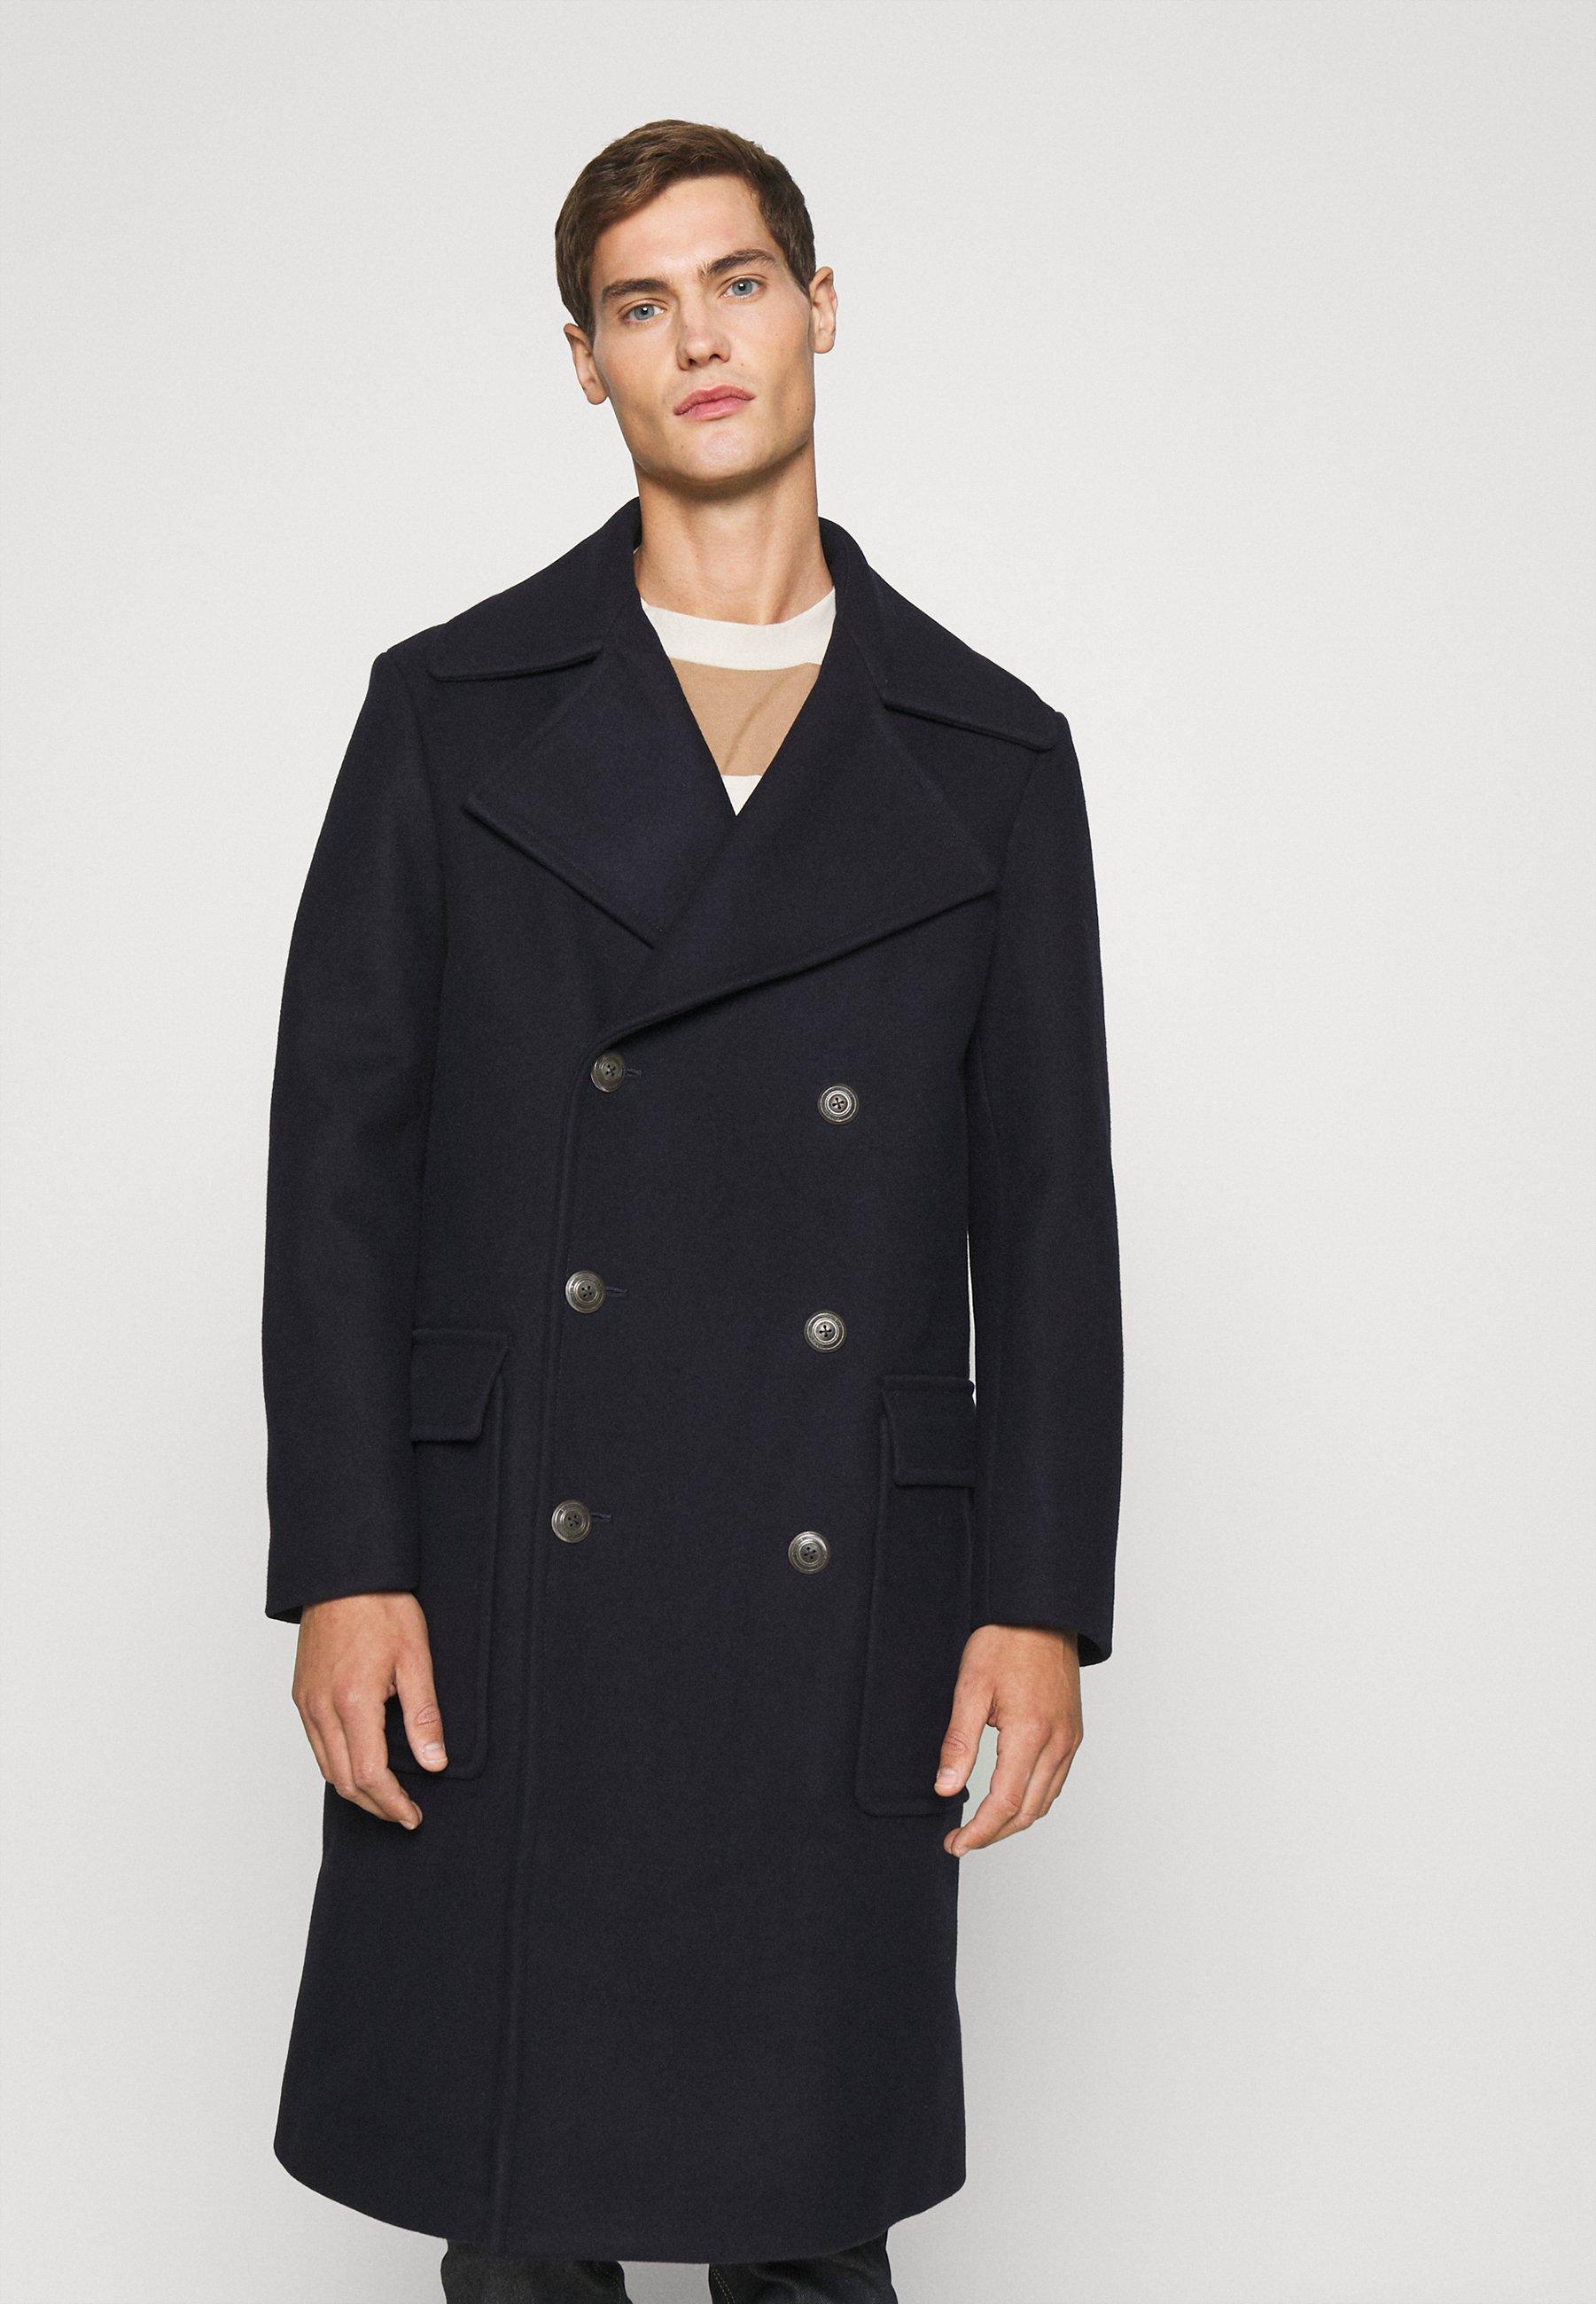 Homme CAPPOTTO - Manteau classique